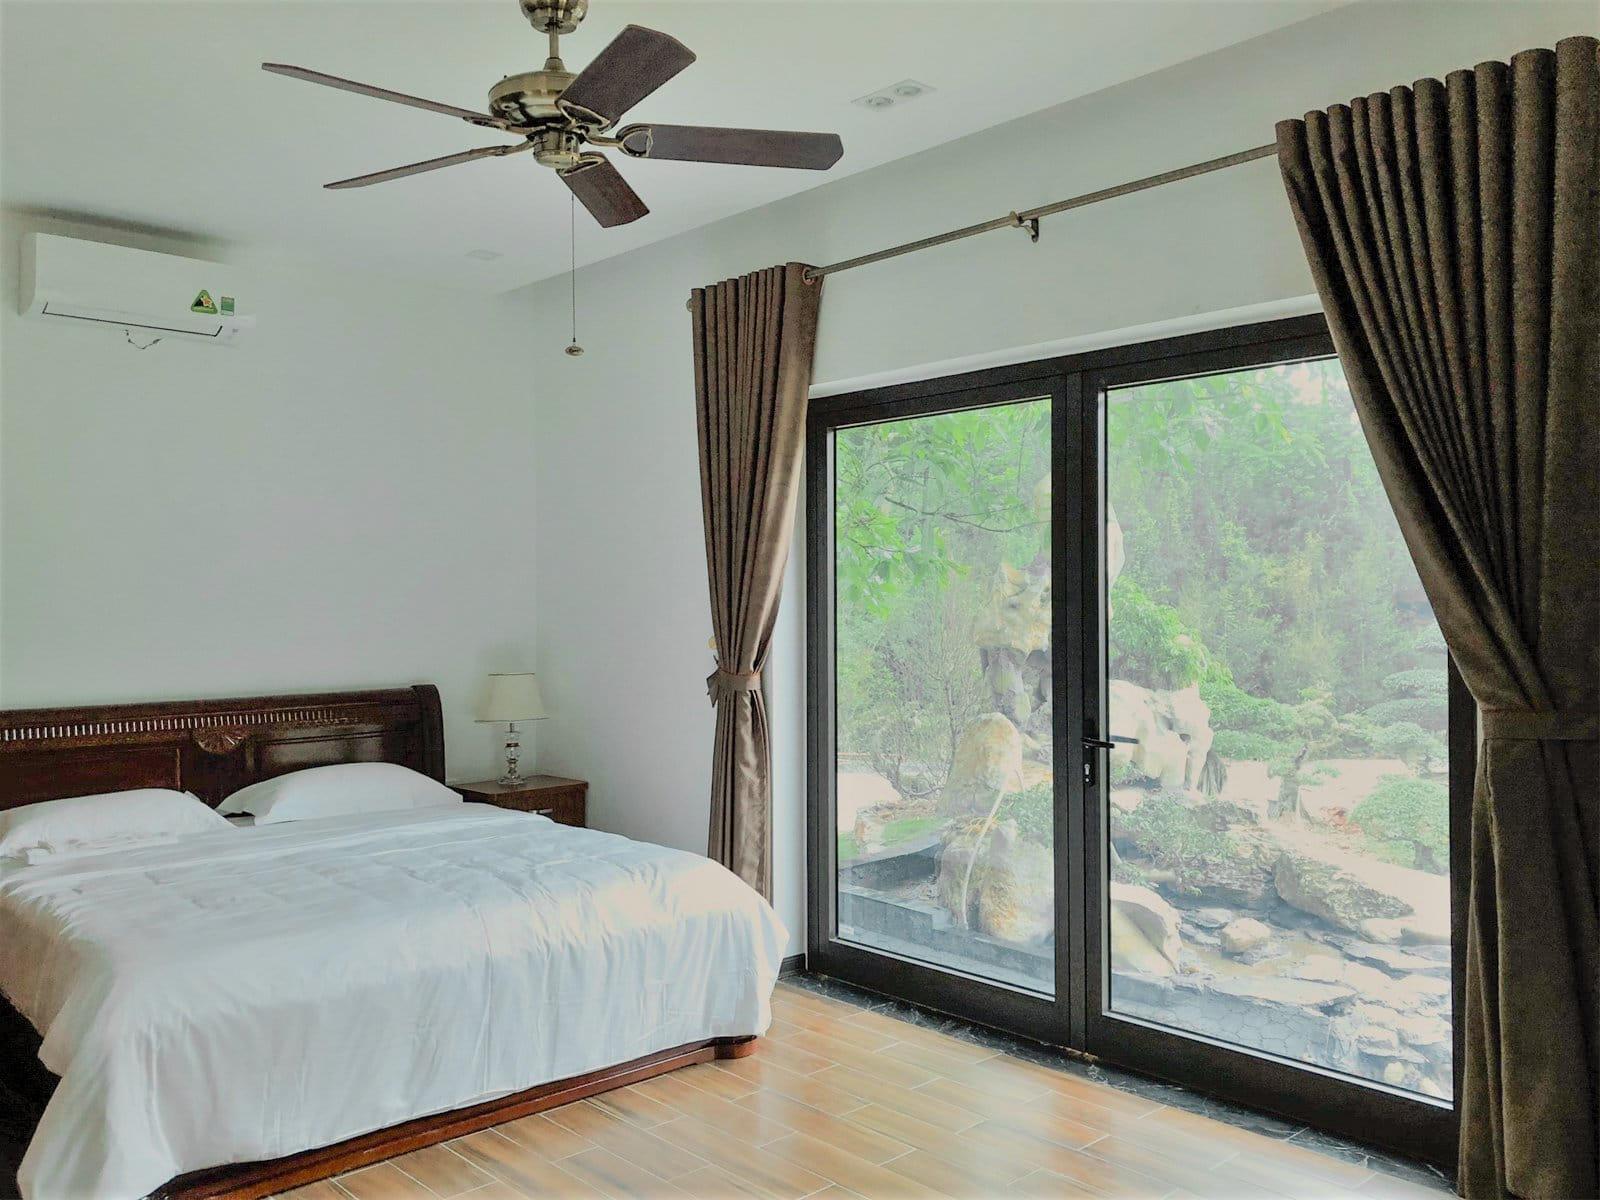 don-he-hoan-hao-tai-khu-resort-giua-rung-thong-xanh-trong-lanh-sat-xit-ha-noi-9